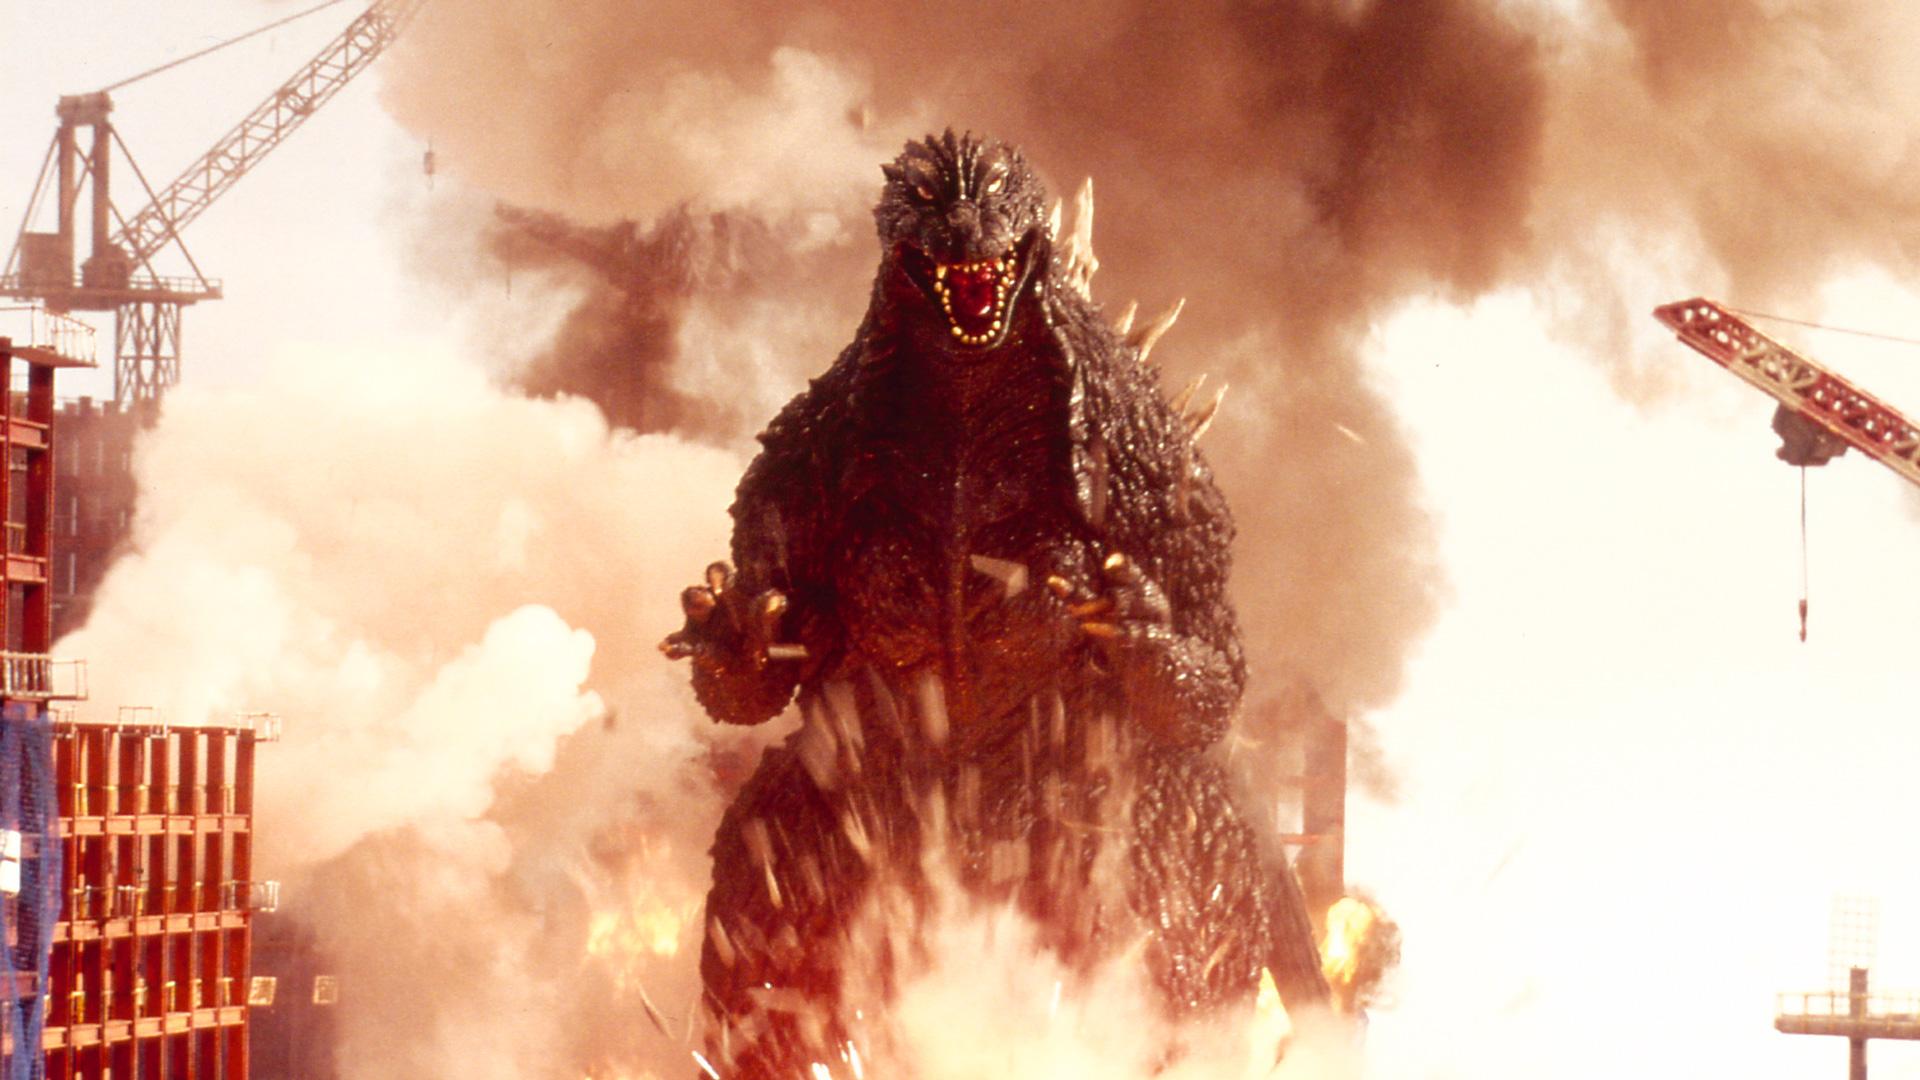 アニメ ション映画 Godzilla 決戦機動増殖都市 5 18公開記念 ゴジラ モスラ メカゴジラ 東京sos Bs11 イレブン 全番組が無料放送